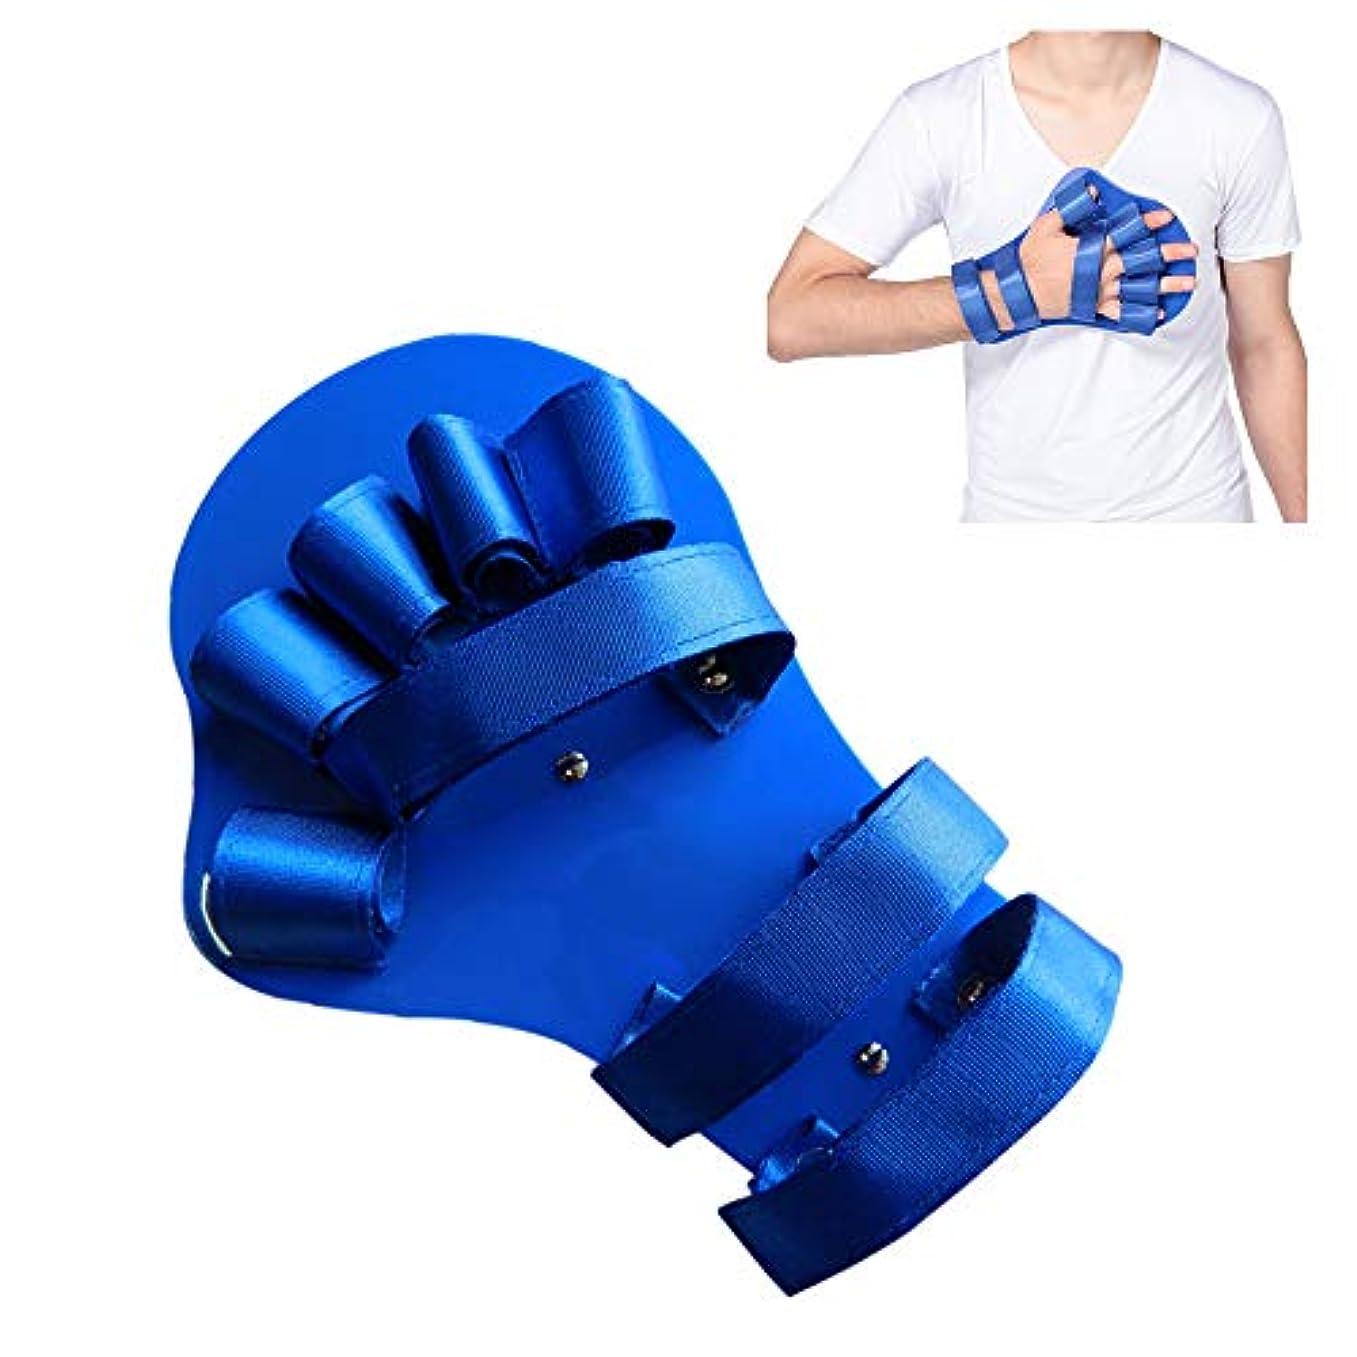 評価談話ネーピアフィンガースプリントフィンガーボード、手首トレーニング装具、手のリハビリテーションのための指セパレーター拡張ボード,Lefthand